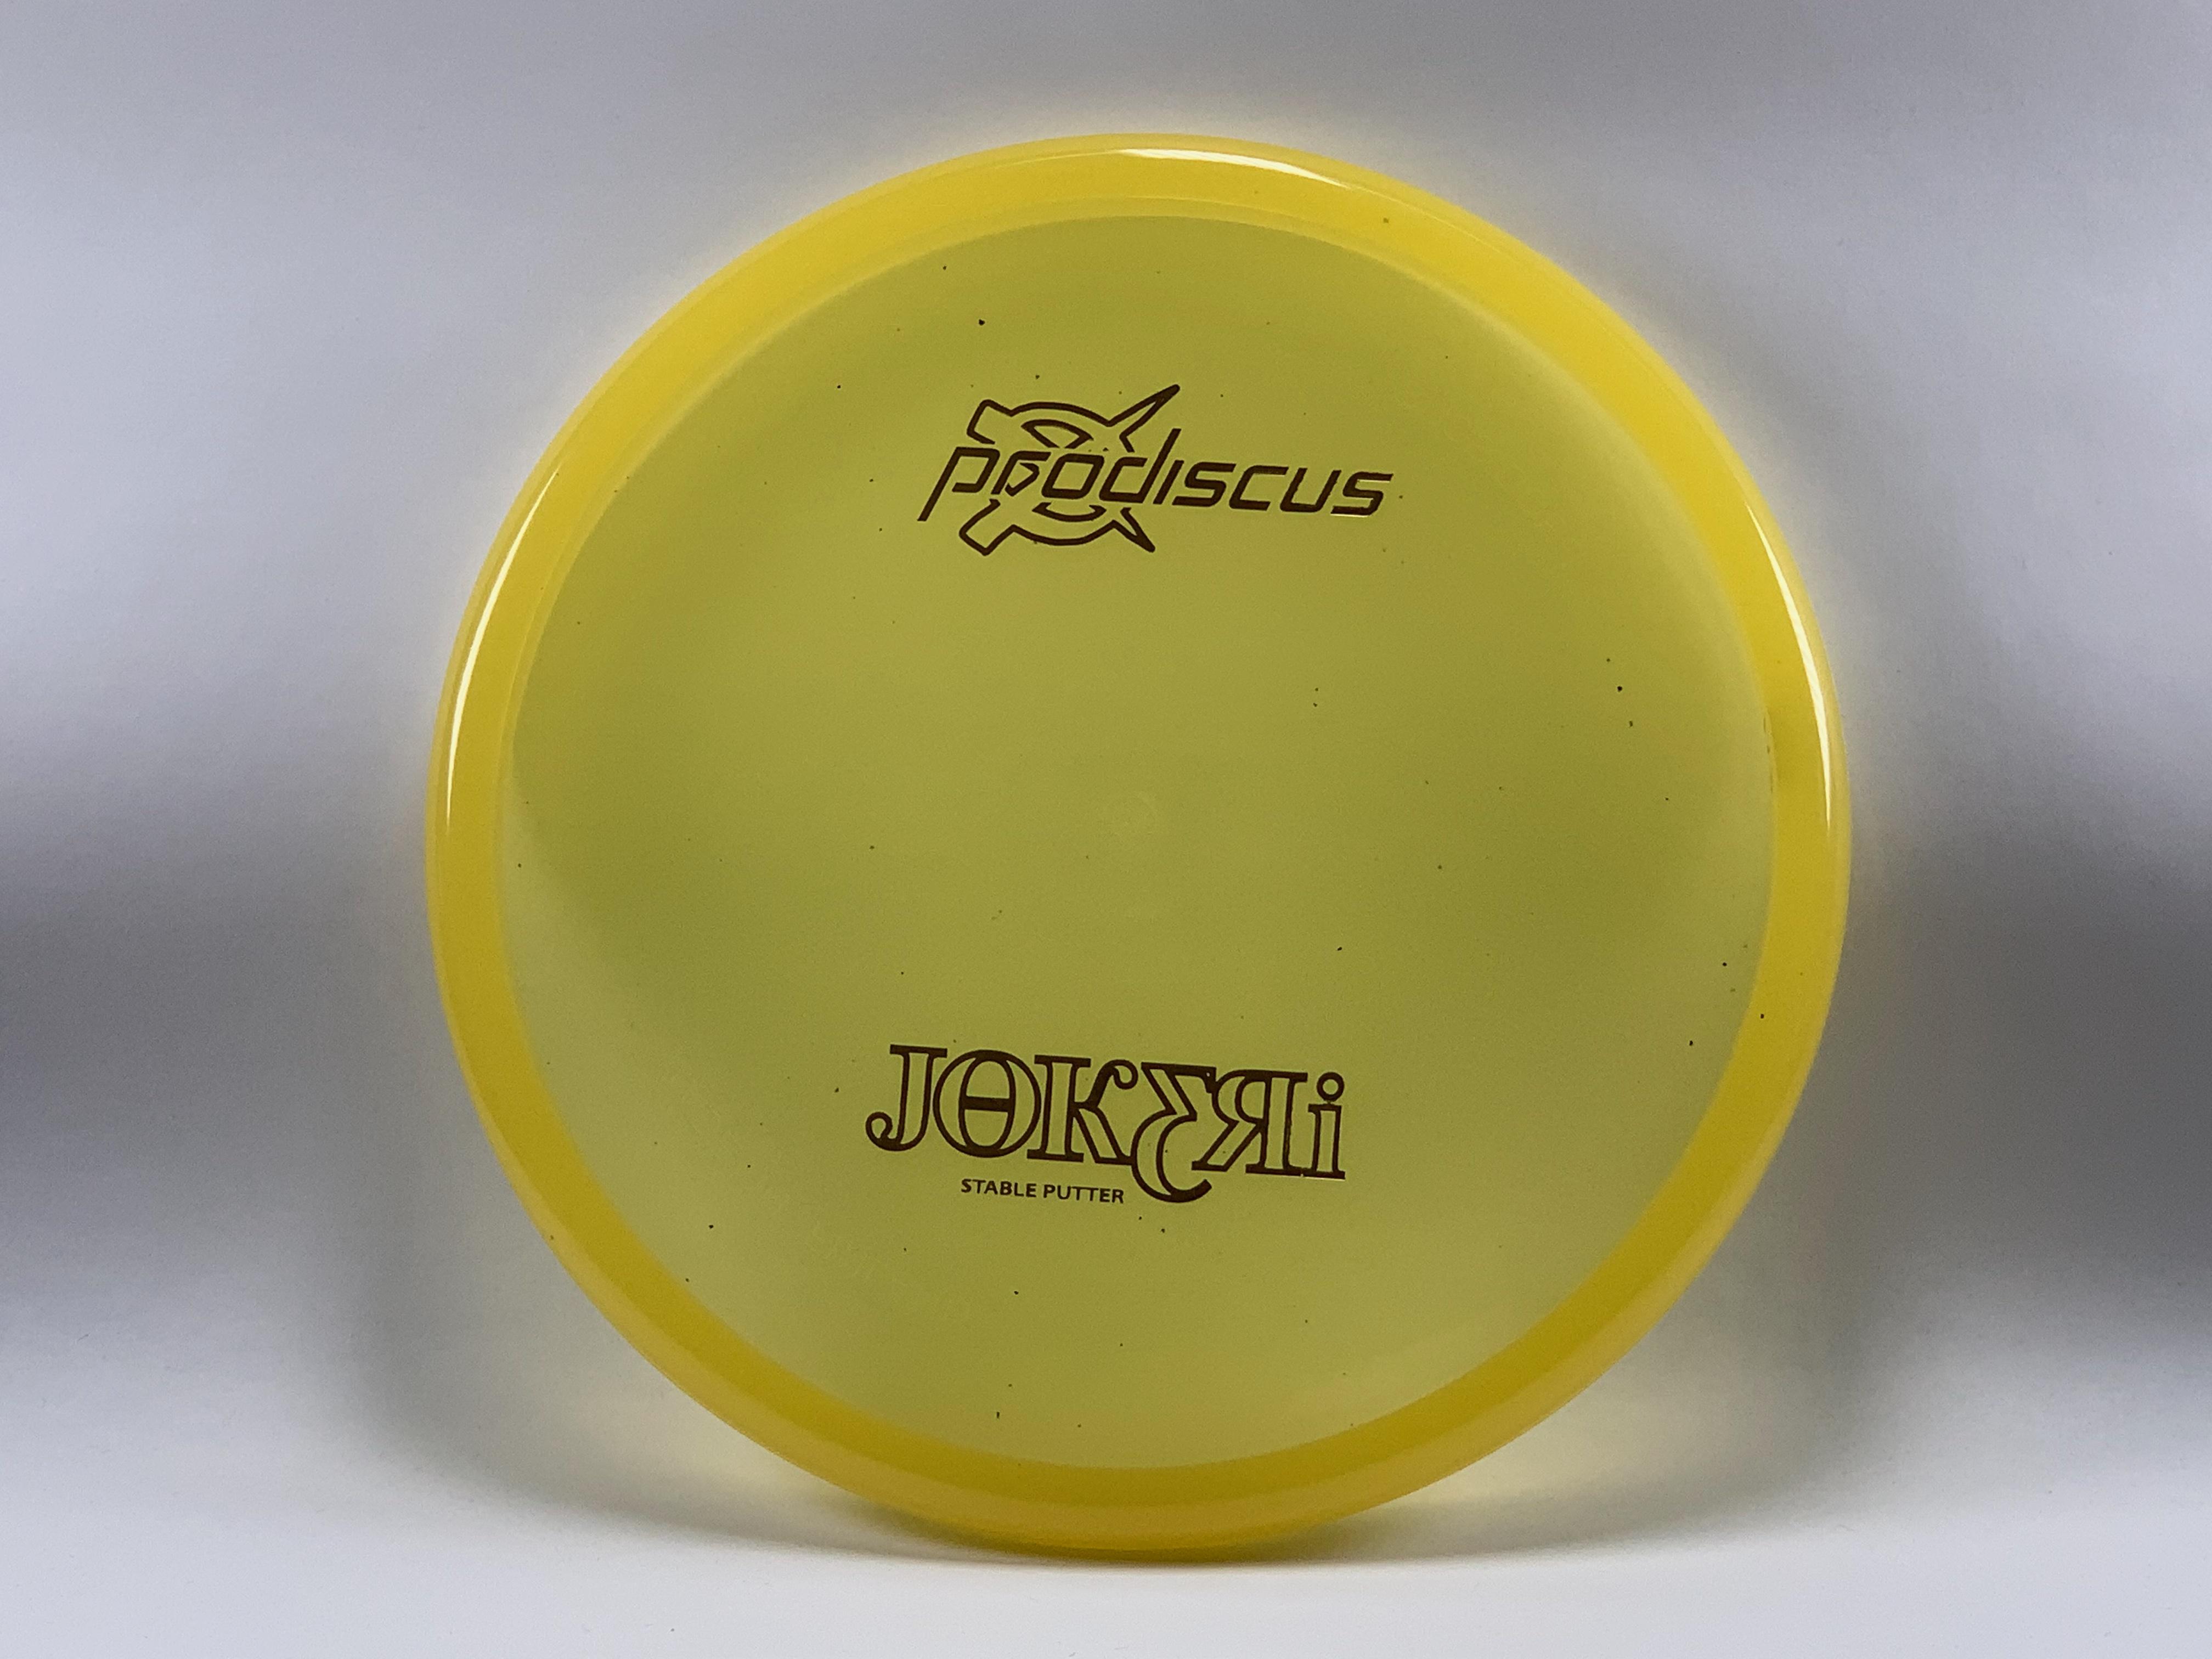 Prodiscus Premium Jokeri